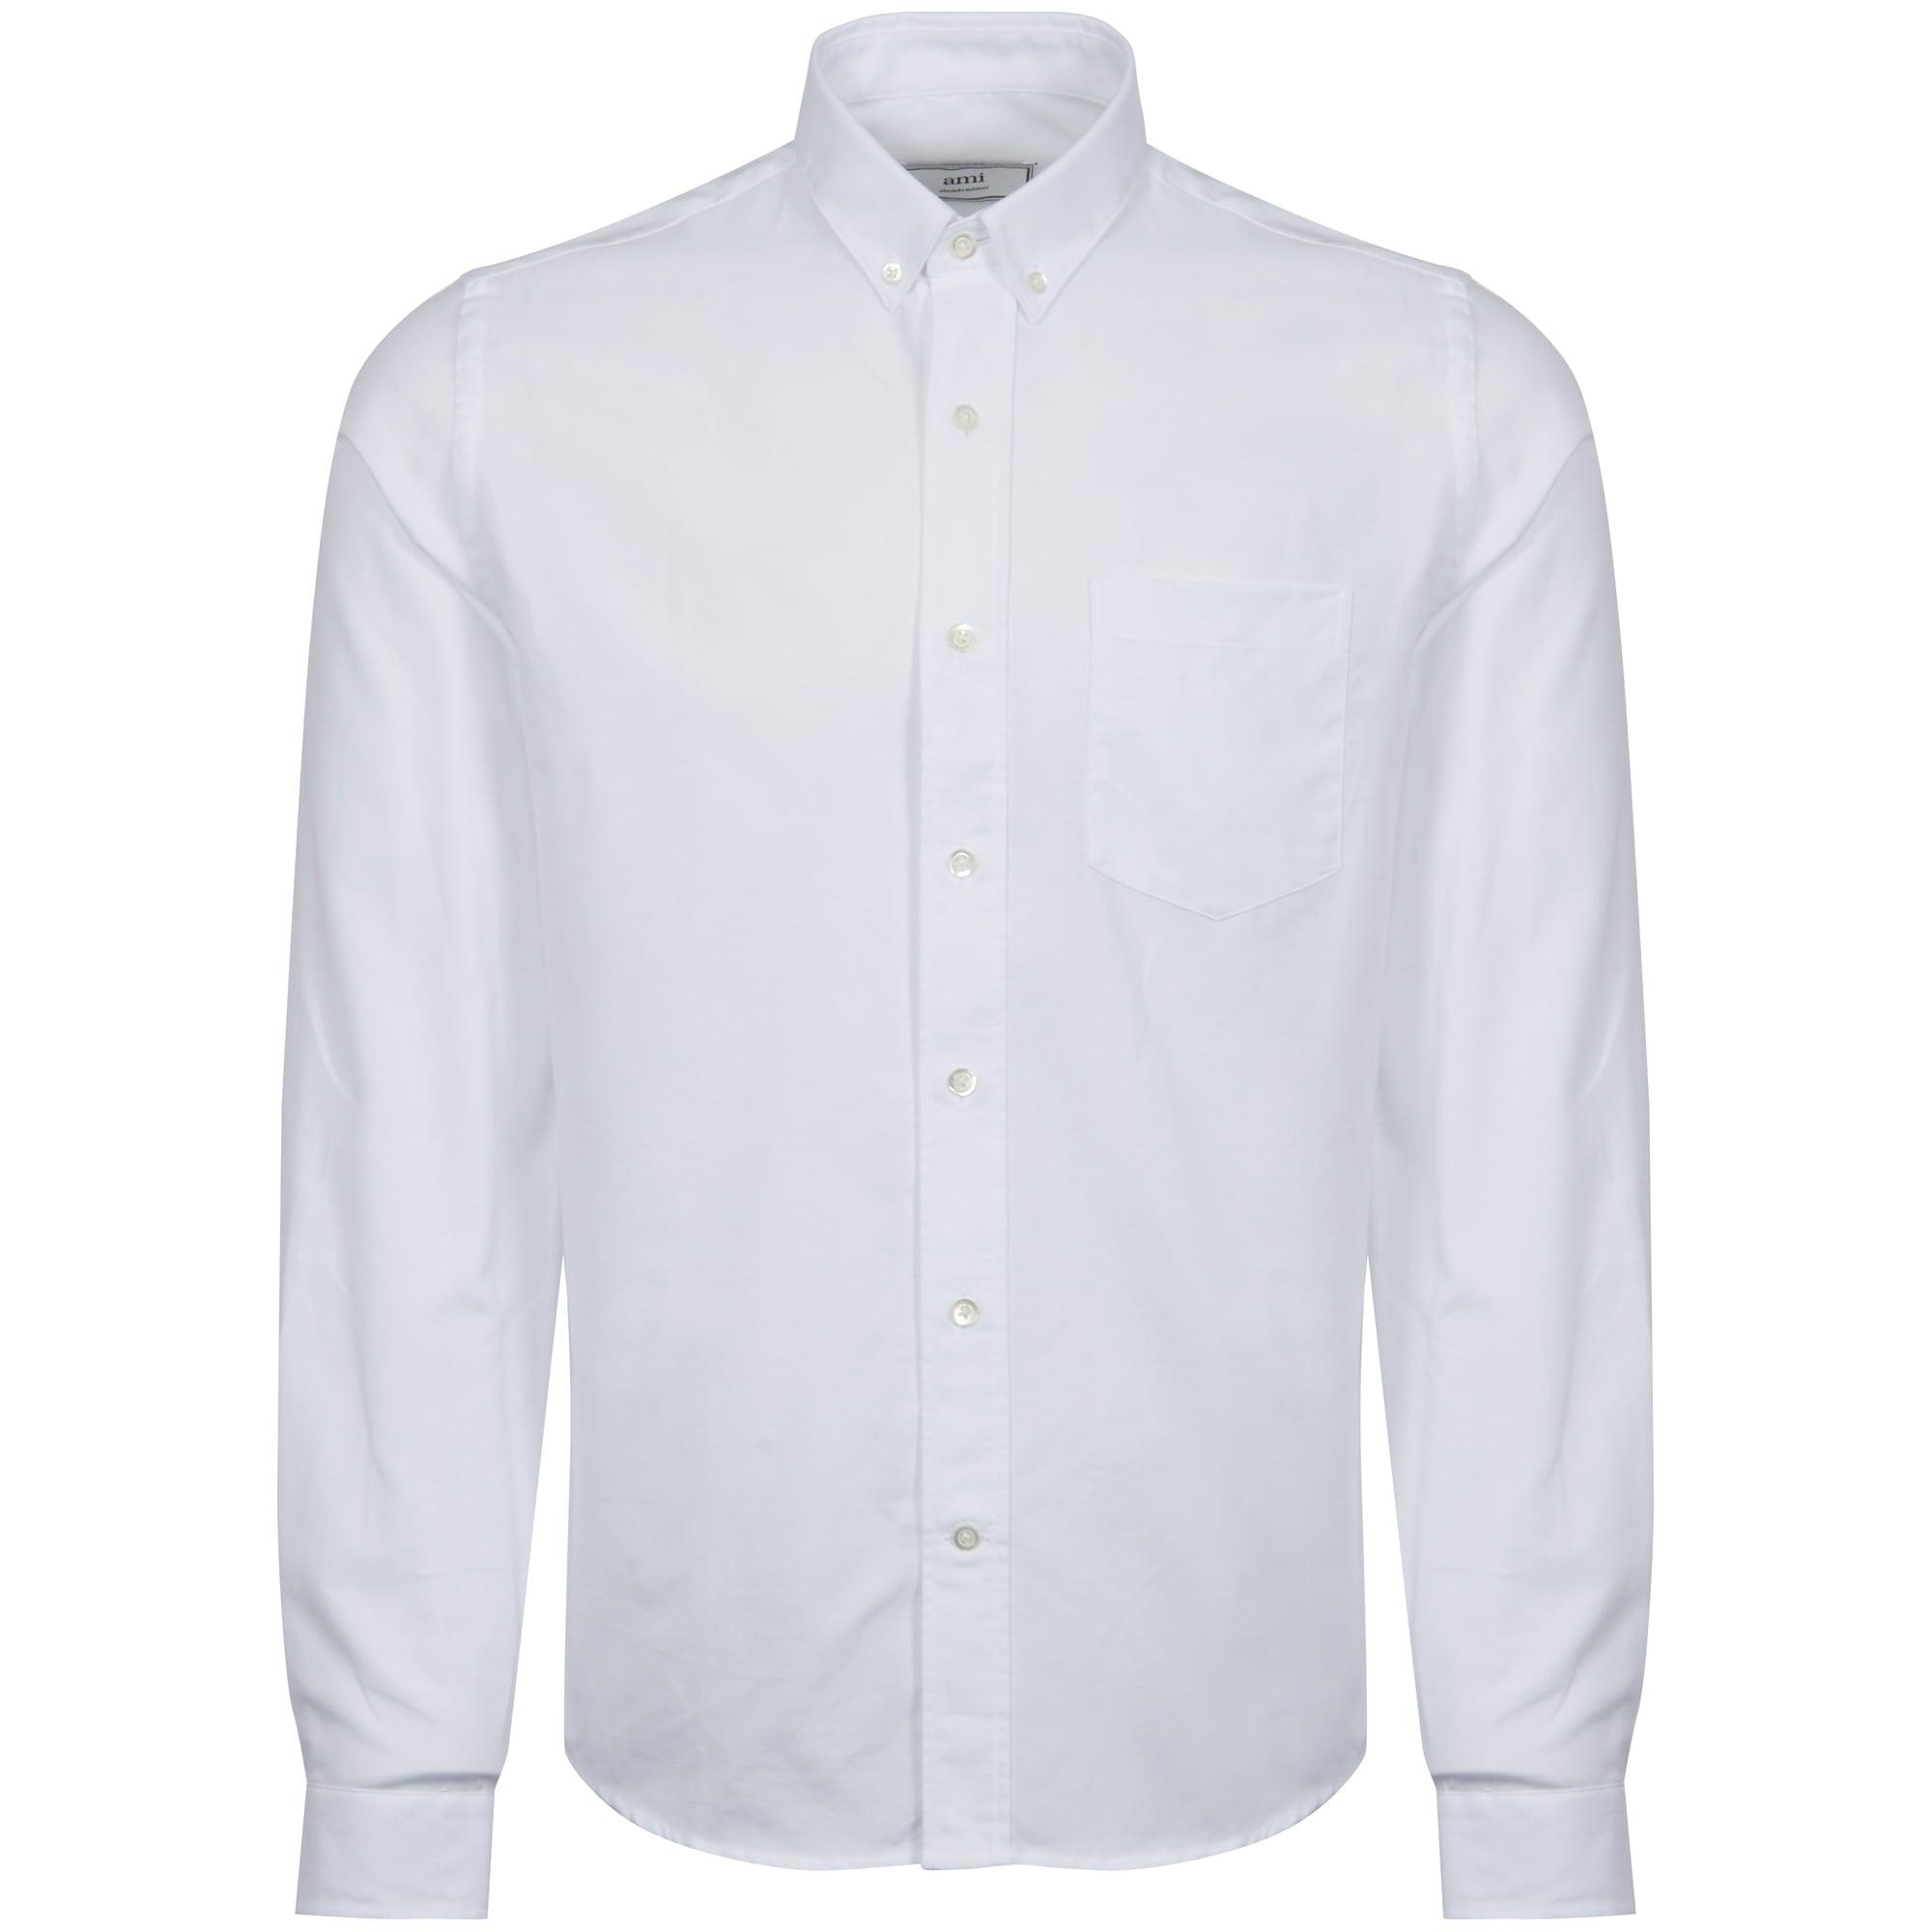 fd4bdab81b3 AMI White Button Down Oxford Shirt